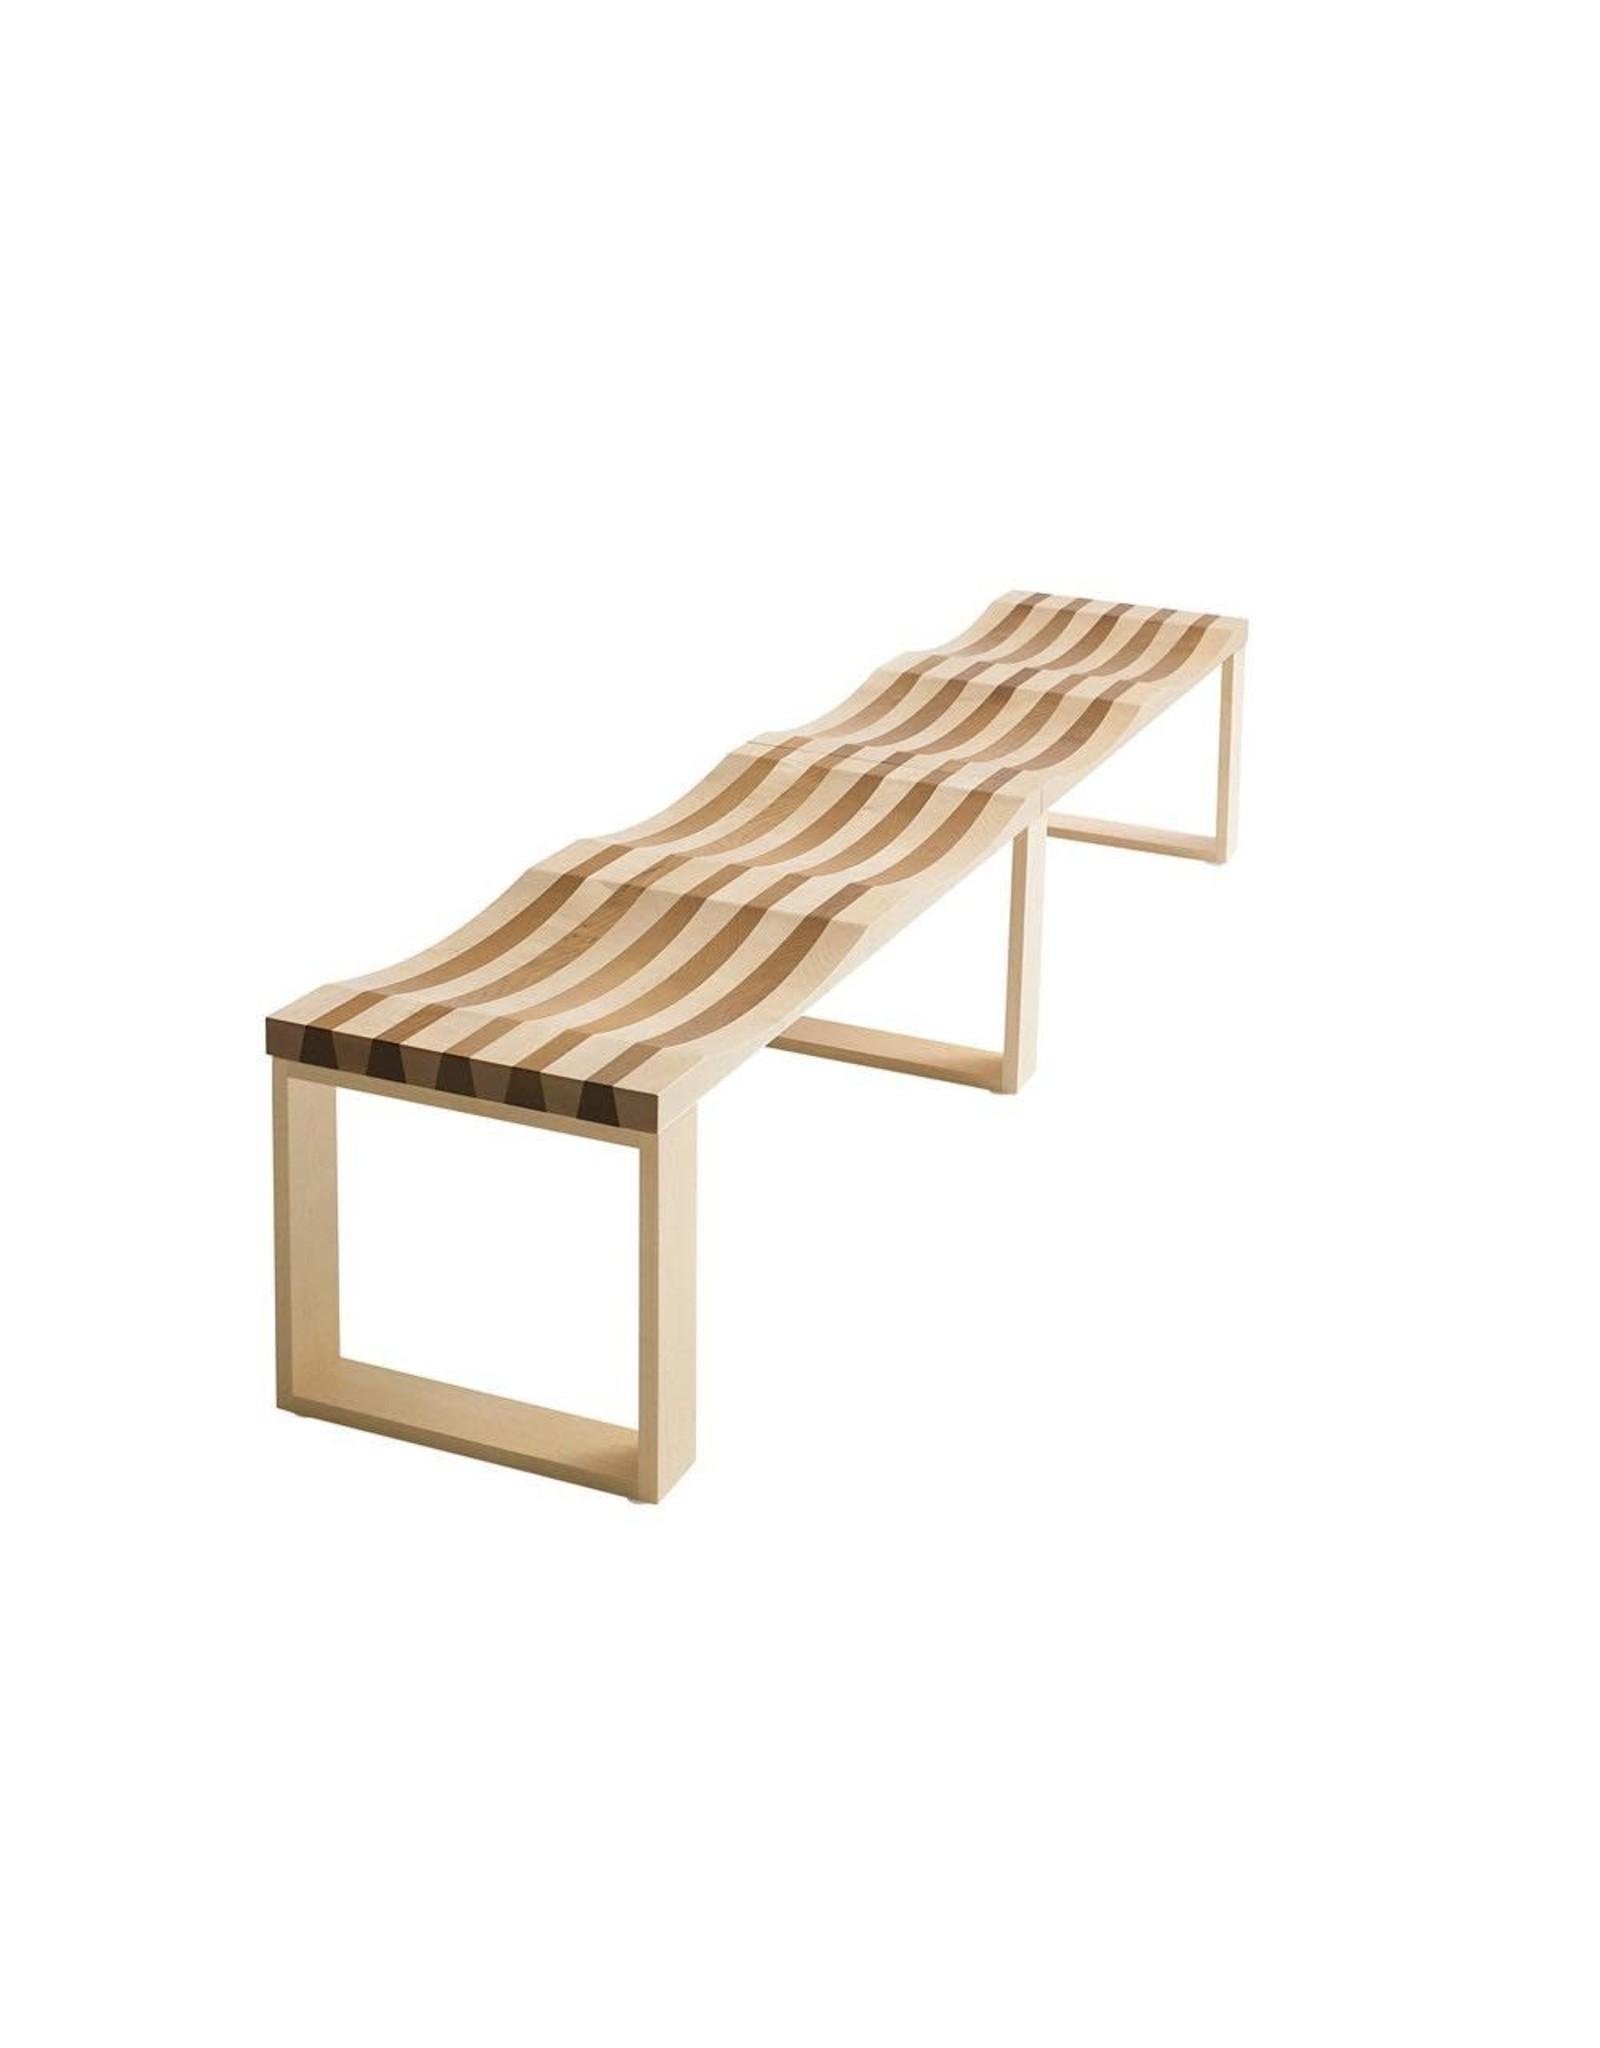 SIDE BY SIDE 4 座位长凳